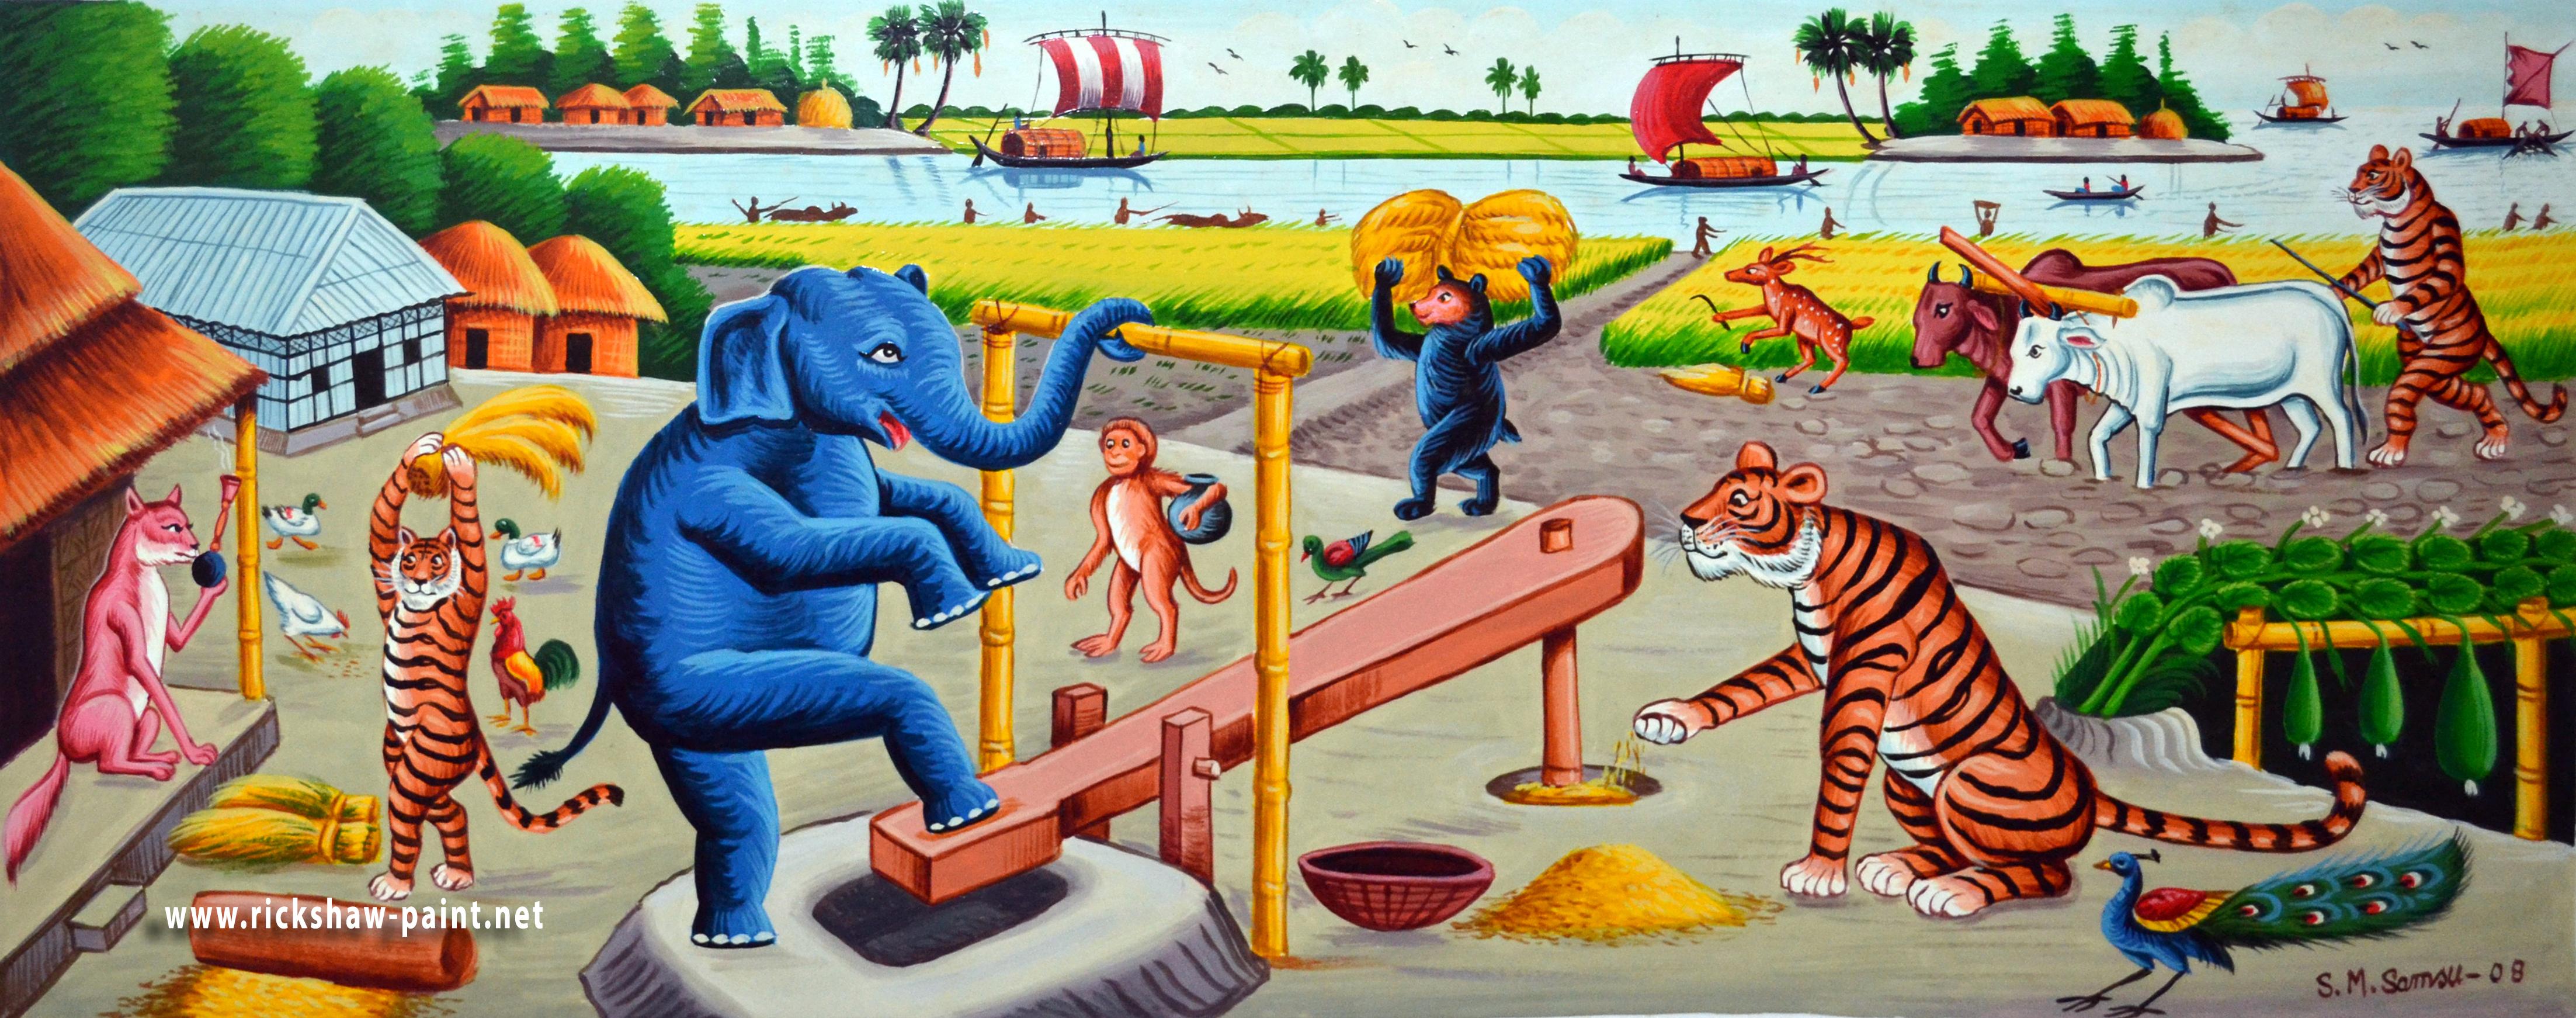 funny village   rickshaw art